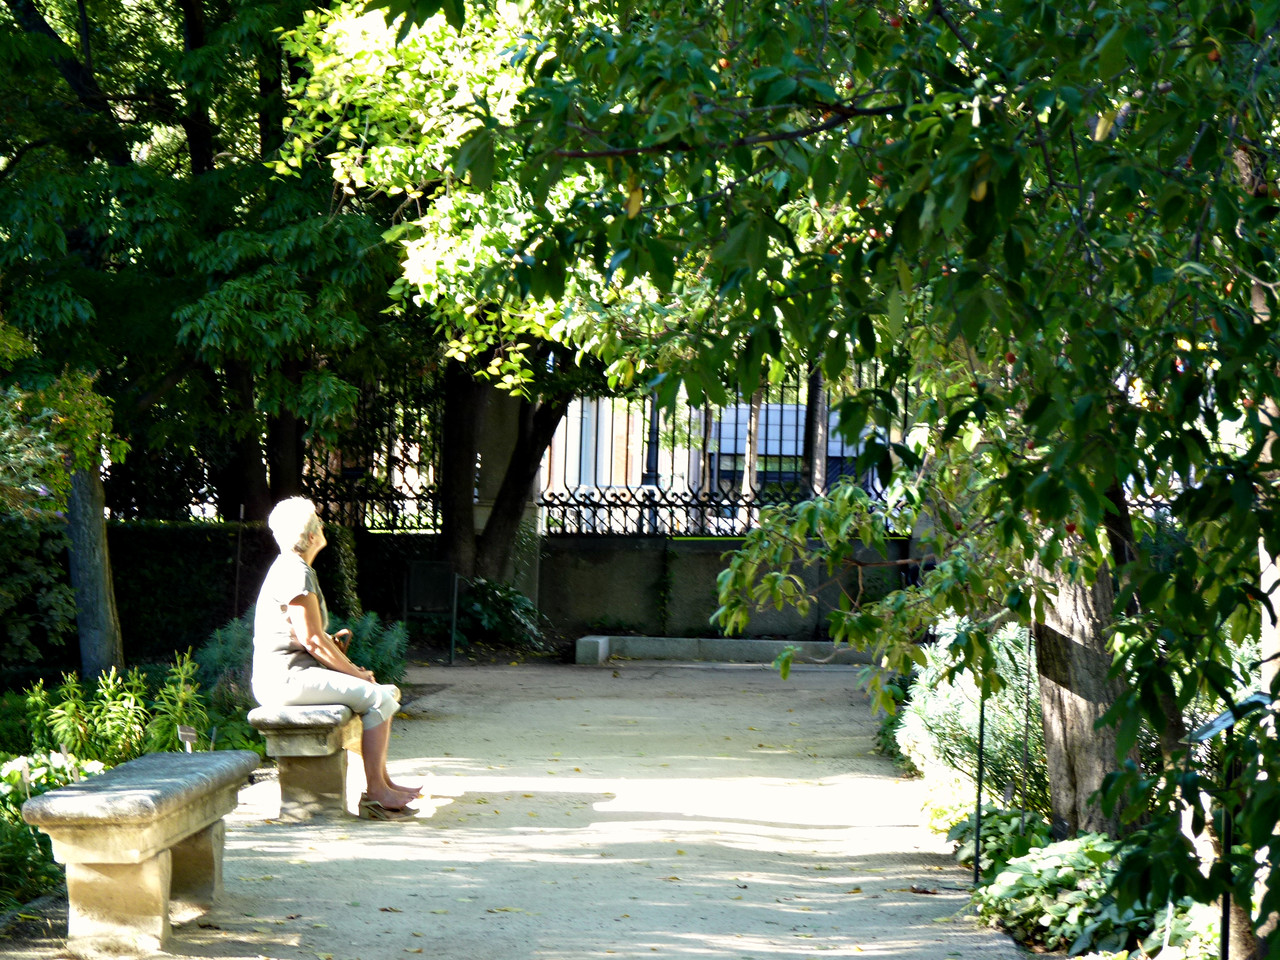 Romântica Madrid-Jardim Botânico (2).jpg